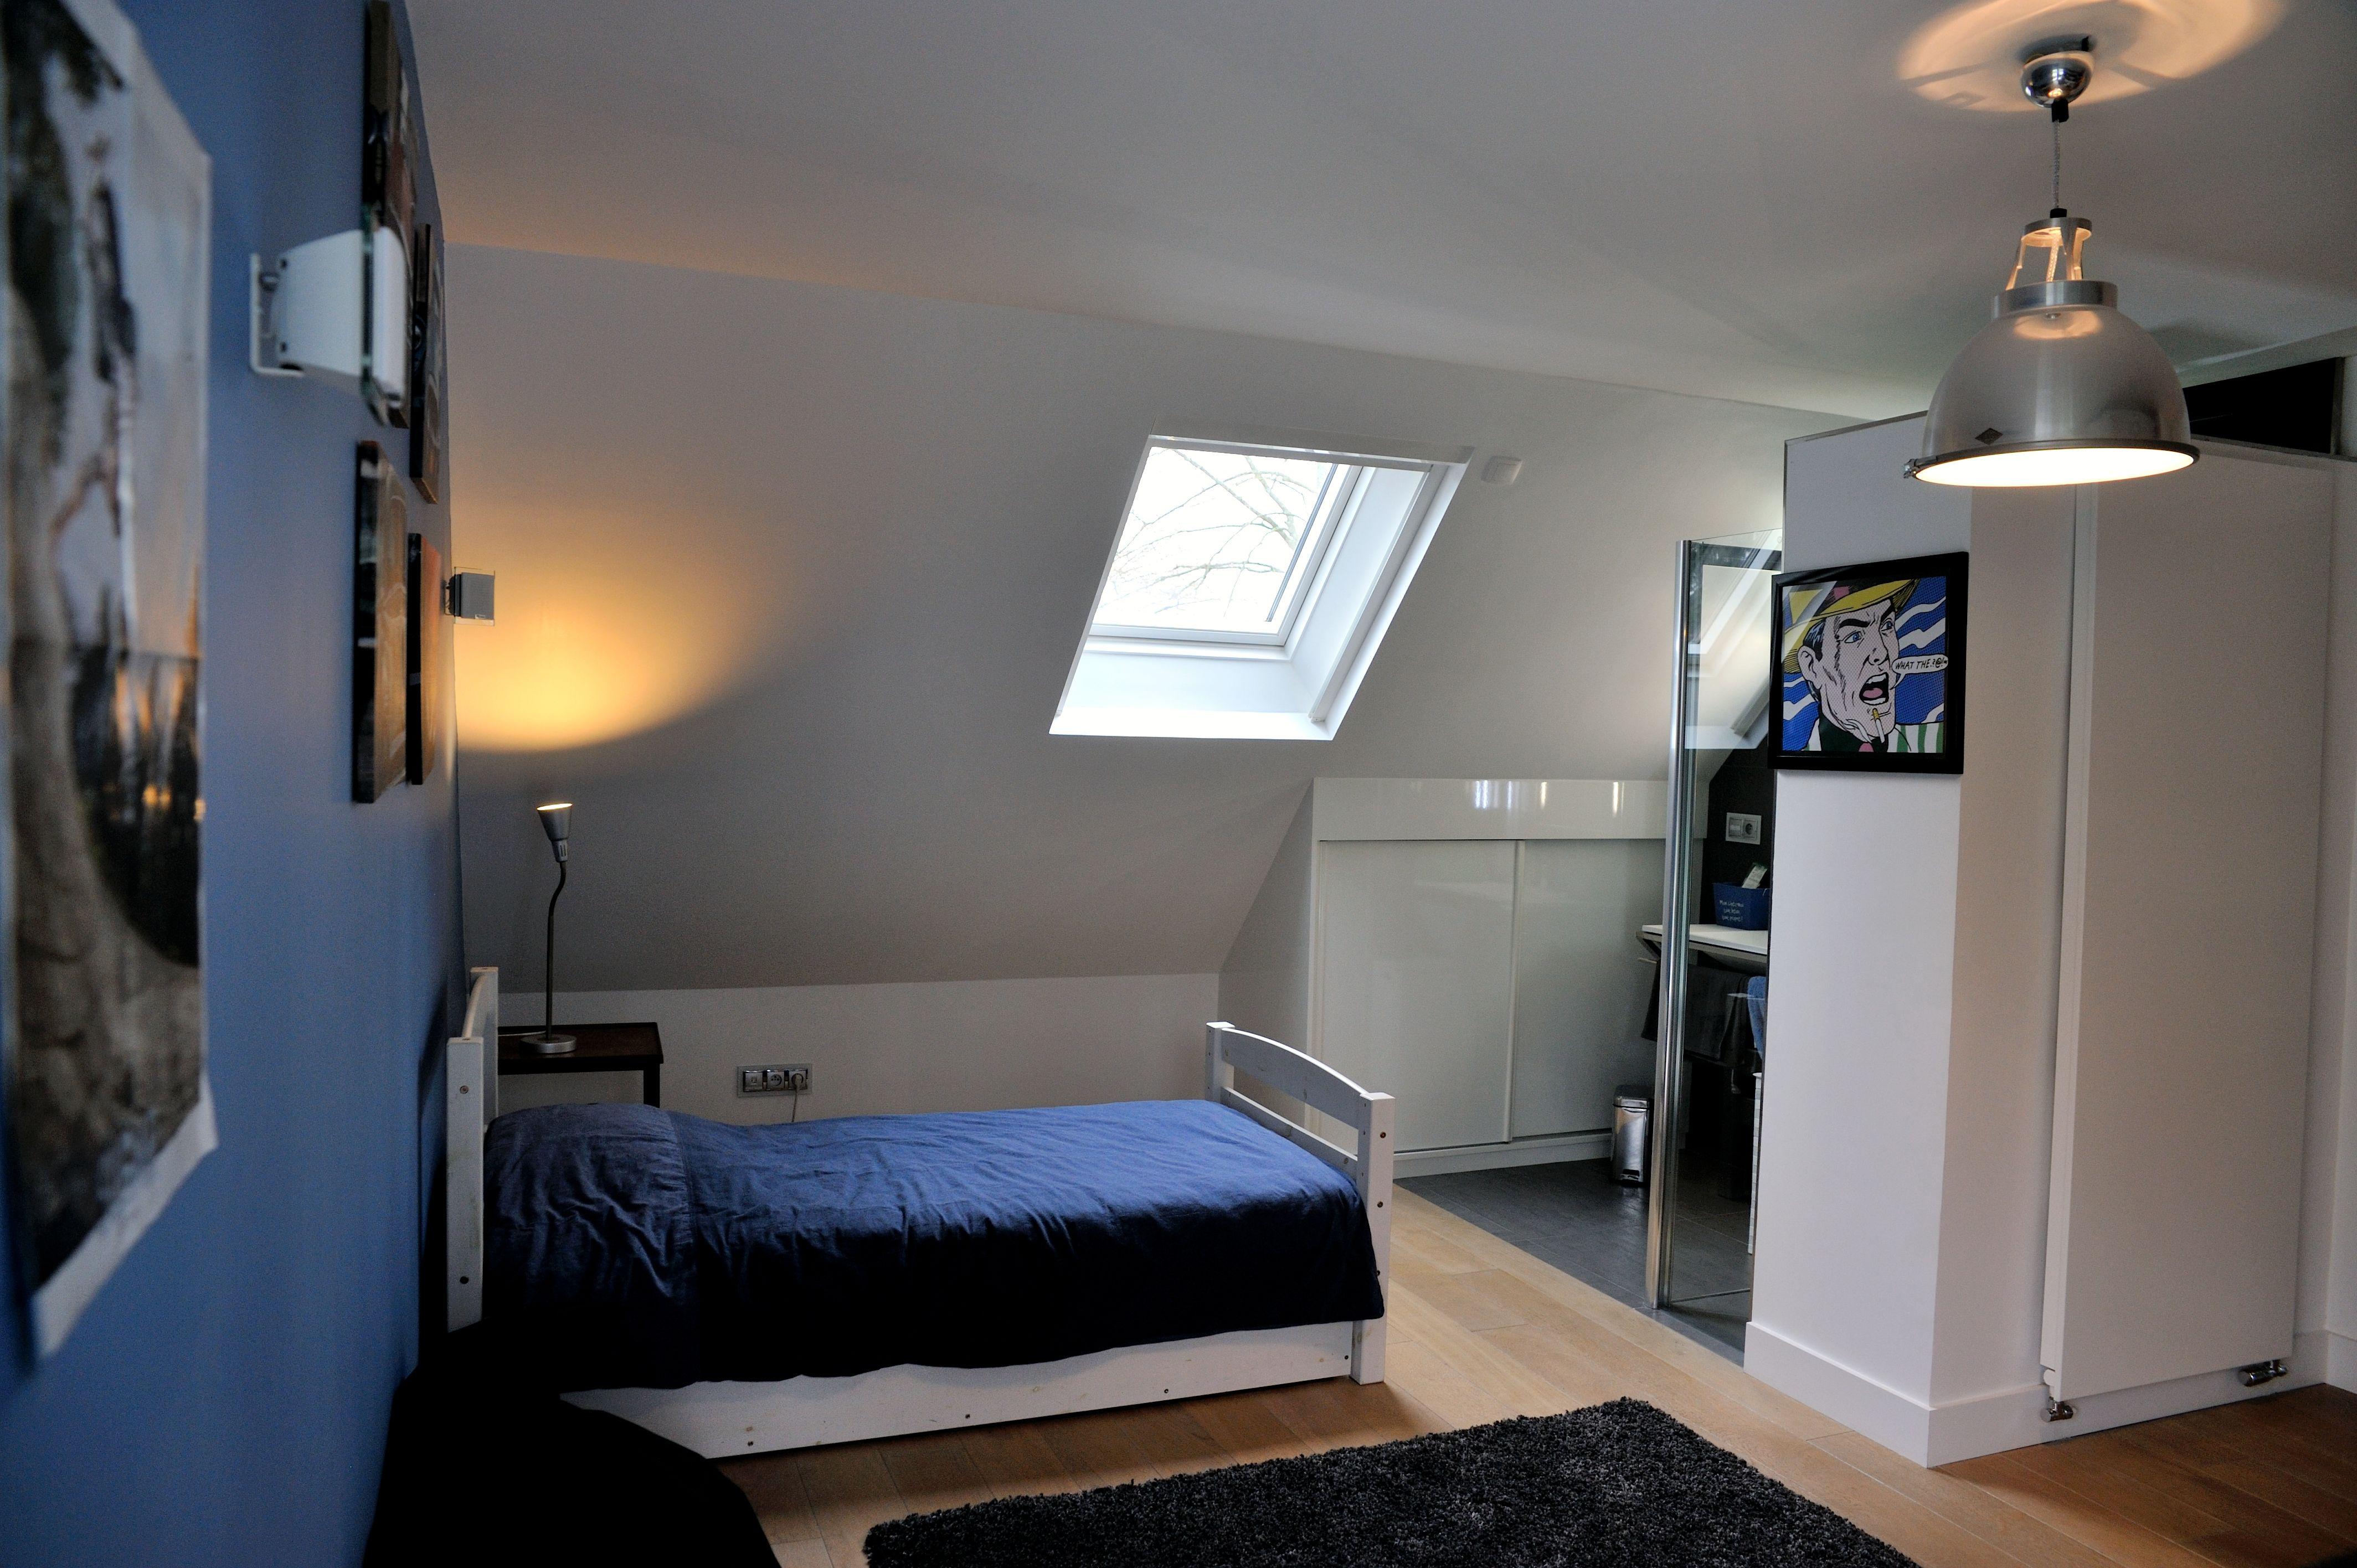 architecte d intrieur chambre best amenagement interieur luxe loft lyon decoration chambre loft. Black Bedroom Furniture Sets. Home Design Ideas